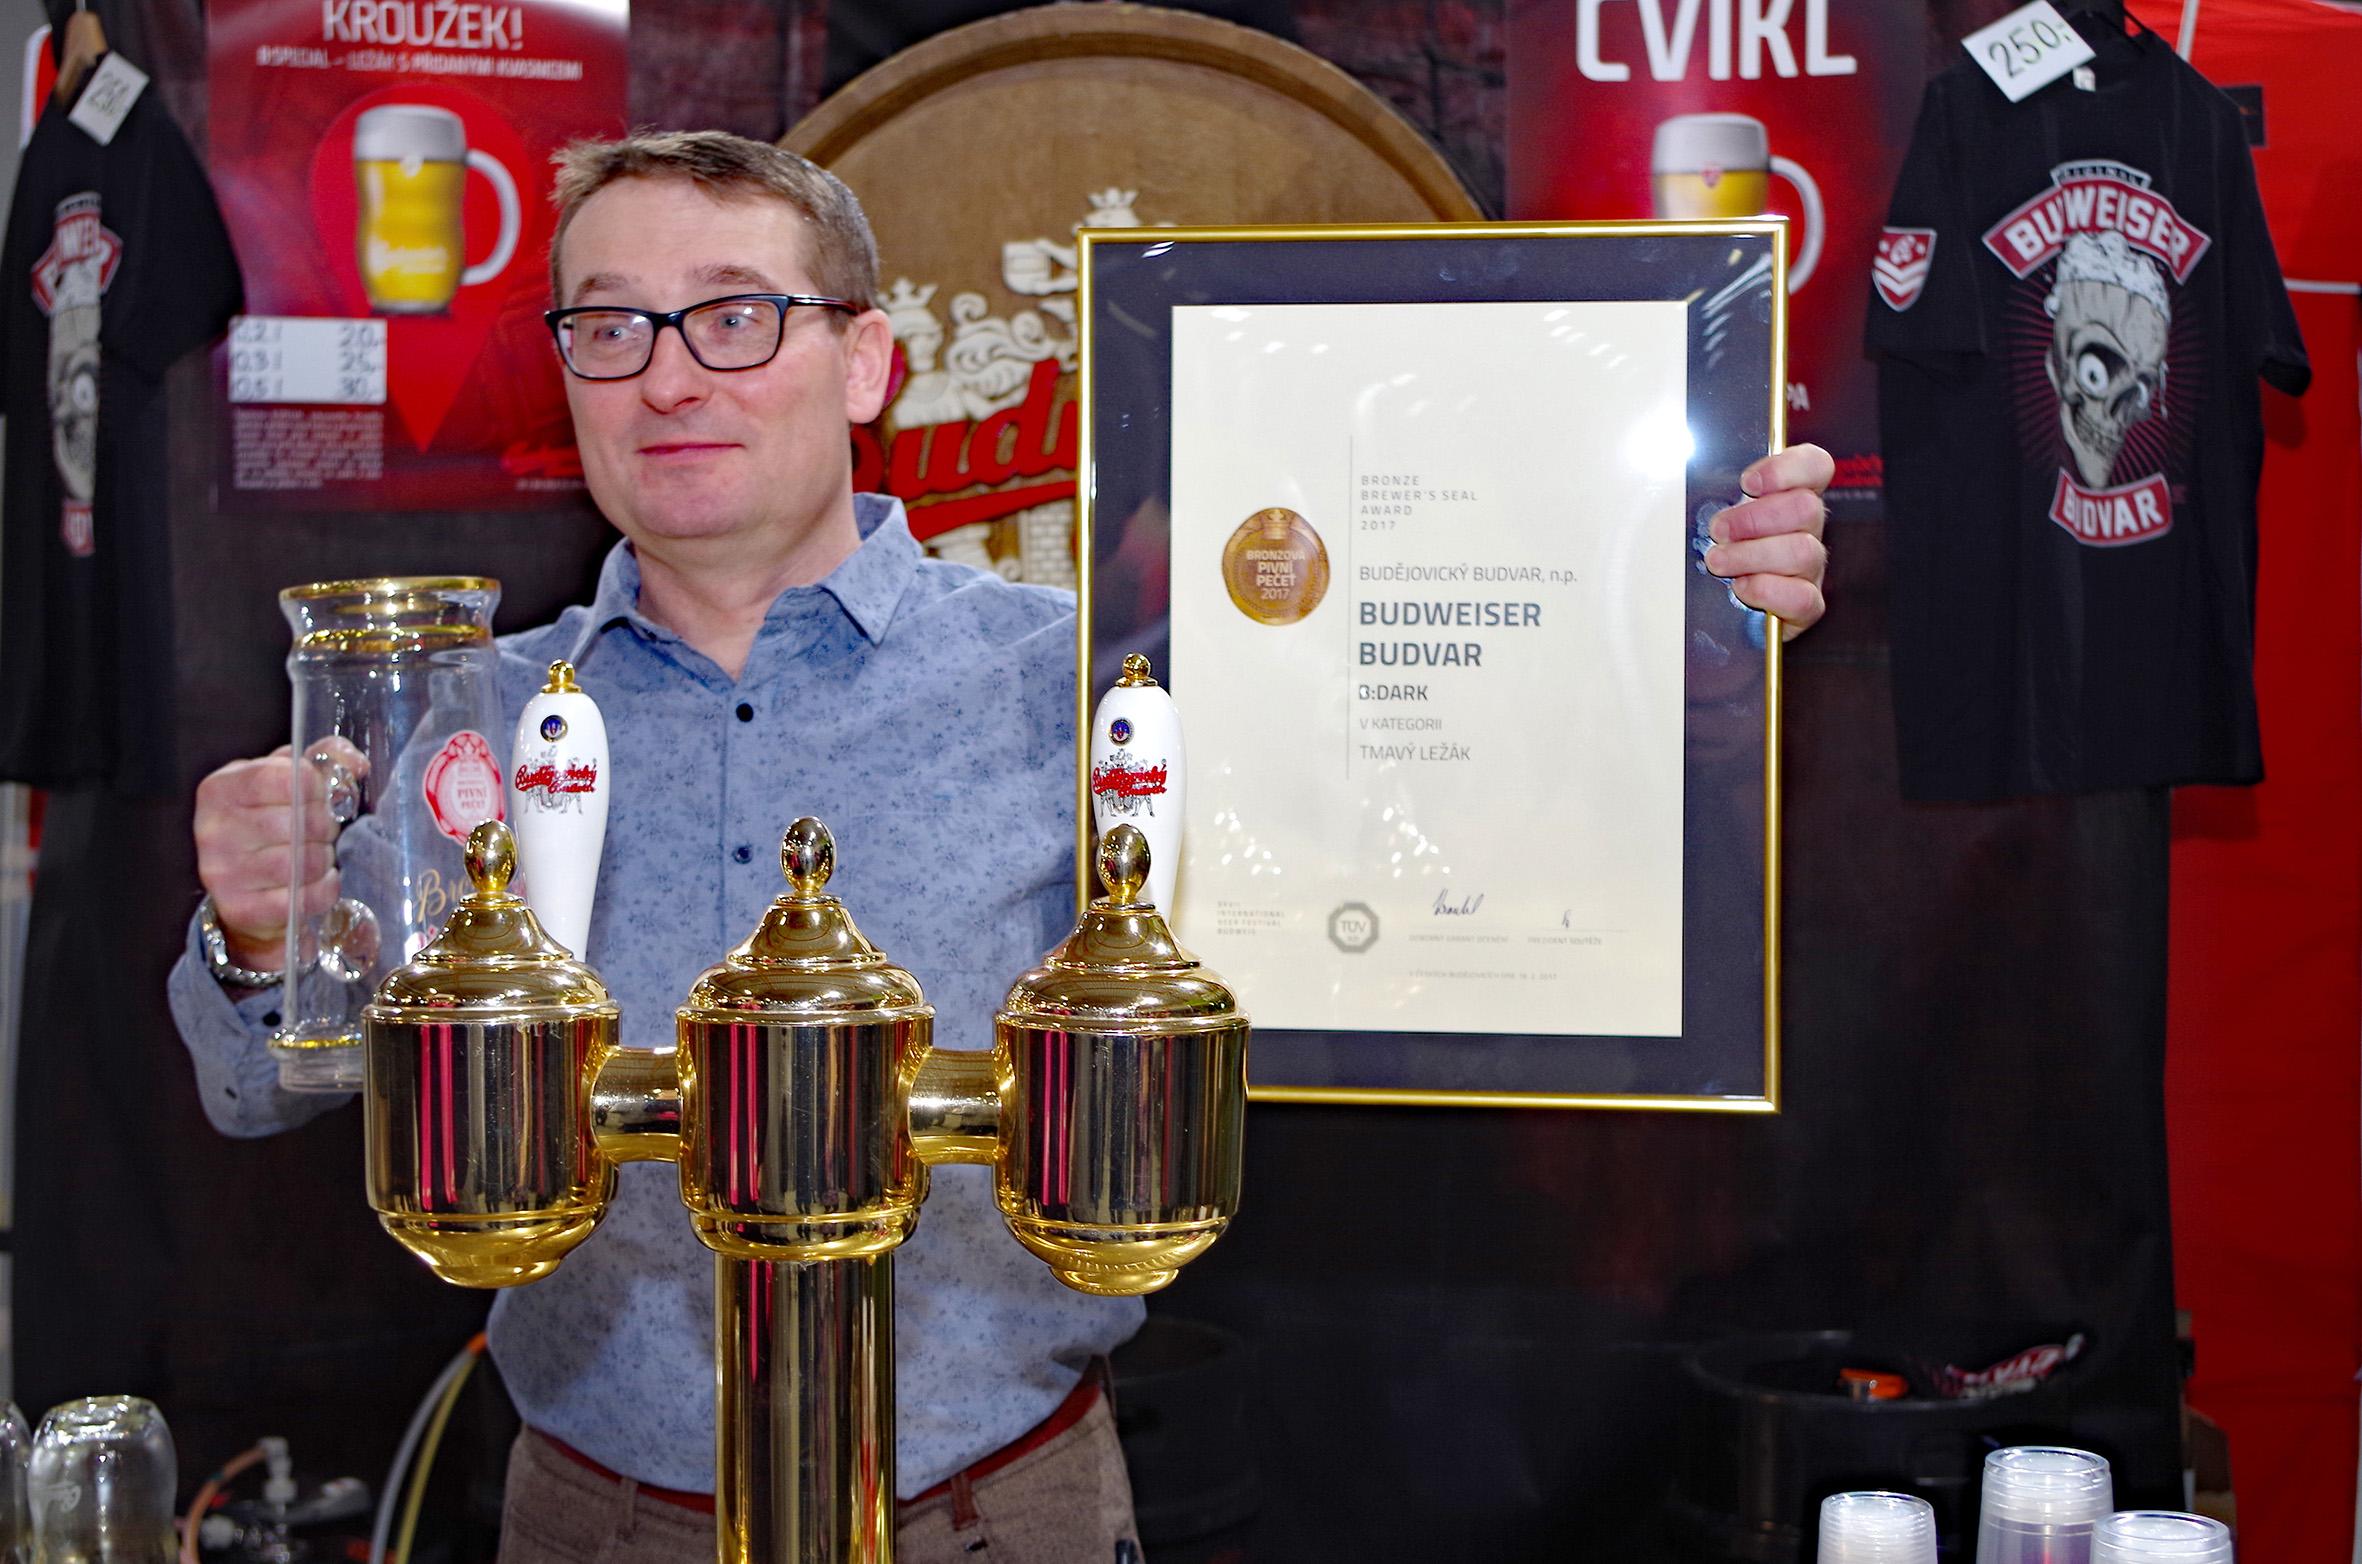 Tmavý ležák Budweiser Budvar B:DARK získal ocenění.